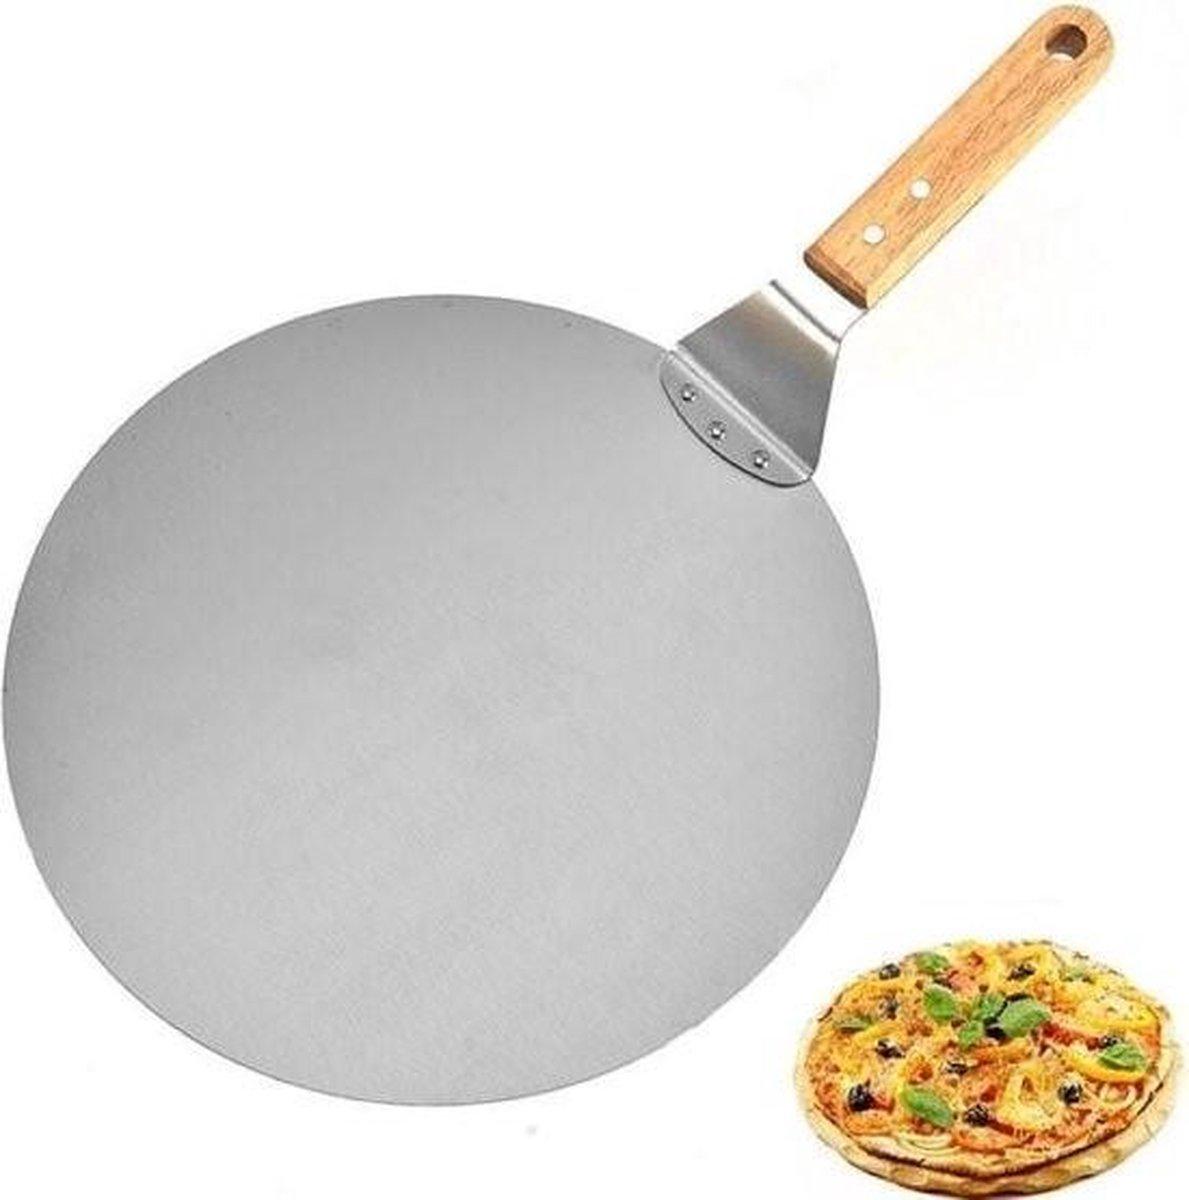 Pizzaschep RVS Rond voor BBQ of Oven - houten handvat 30cm Pizzaschep - Pizzaspatel - Taartschep -Sp